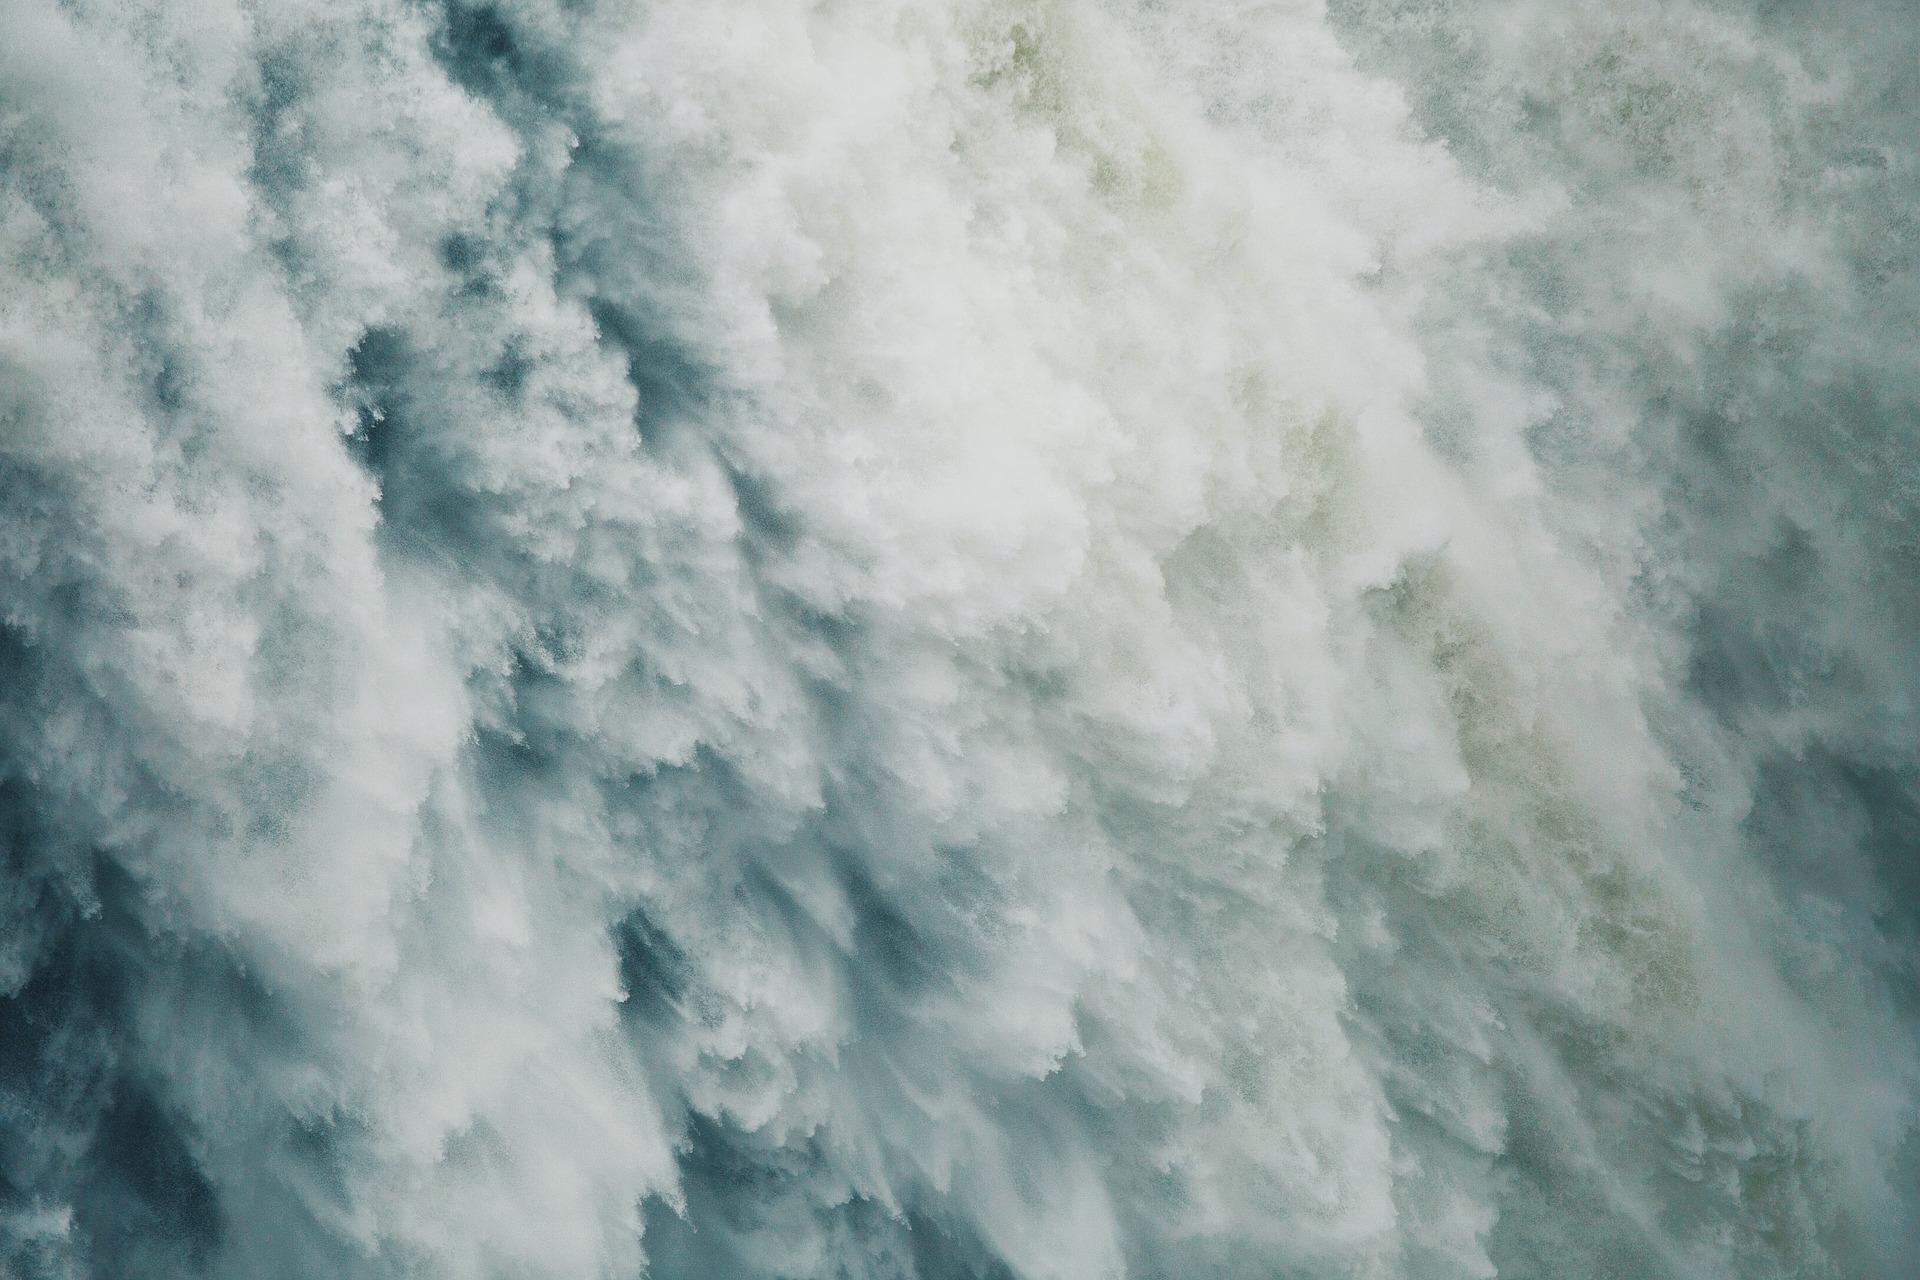 SELFIE MORTAL: Cae desde una cascada de 20 metros de altura, tomándose una foto